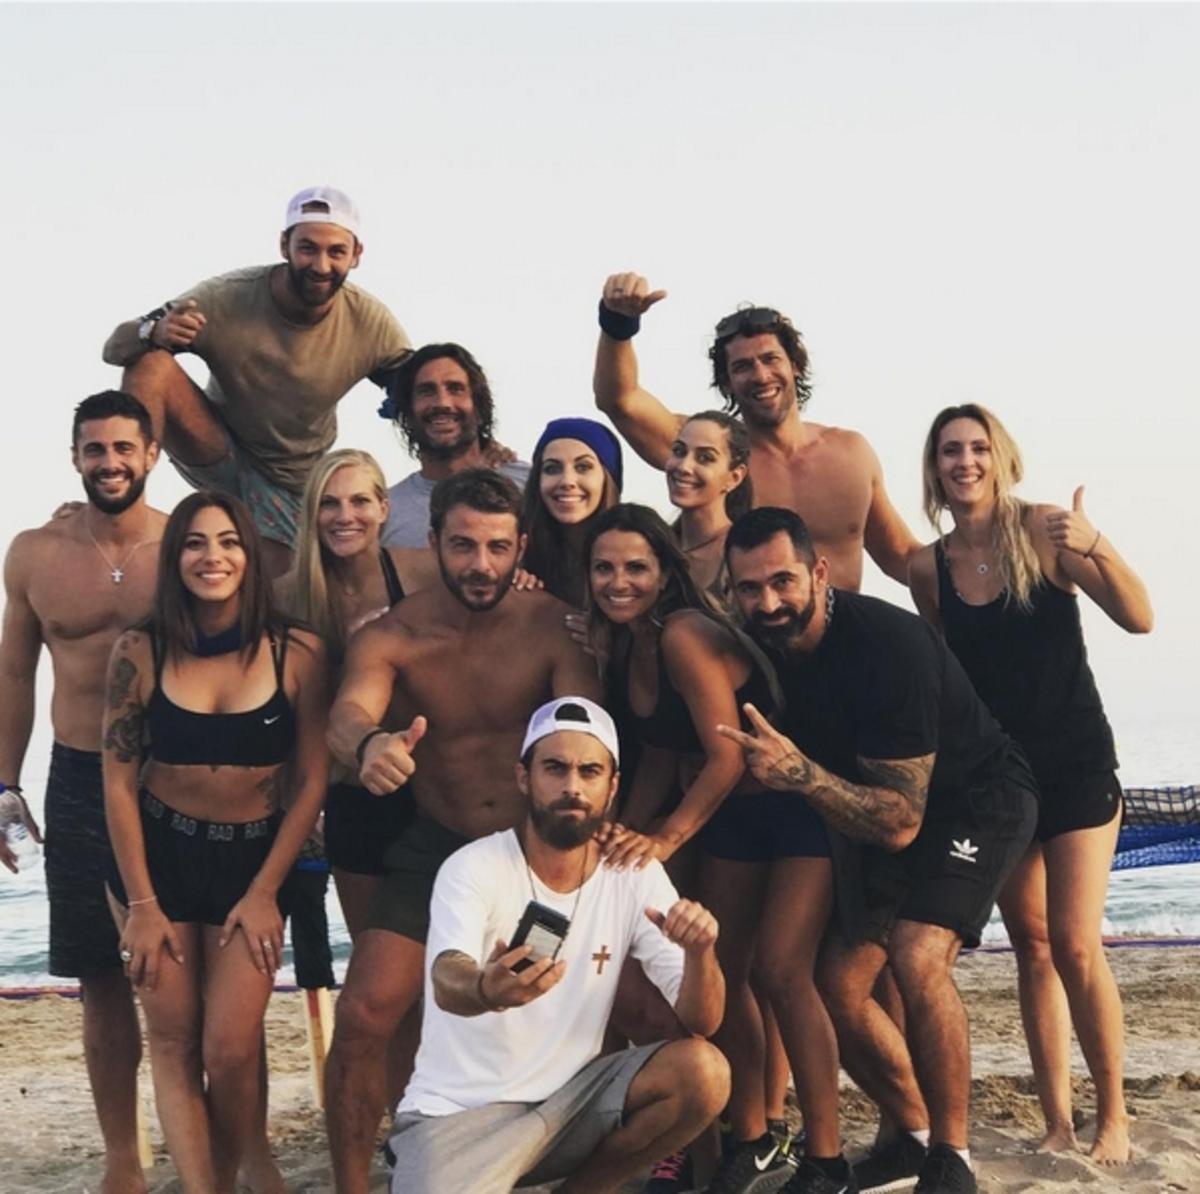 Γιώργος Αγγελόπουλος: Ξανά στην παραλία με όλους τους Survivors για καλό σκοπό! [pics,vids] | Newsit.gr